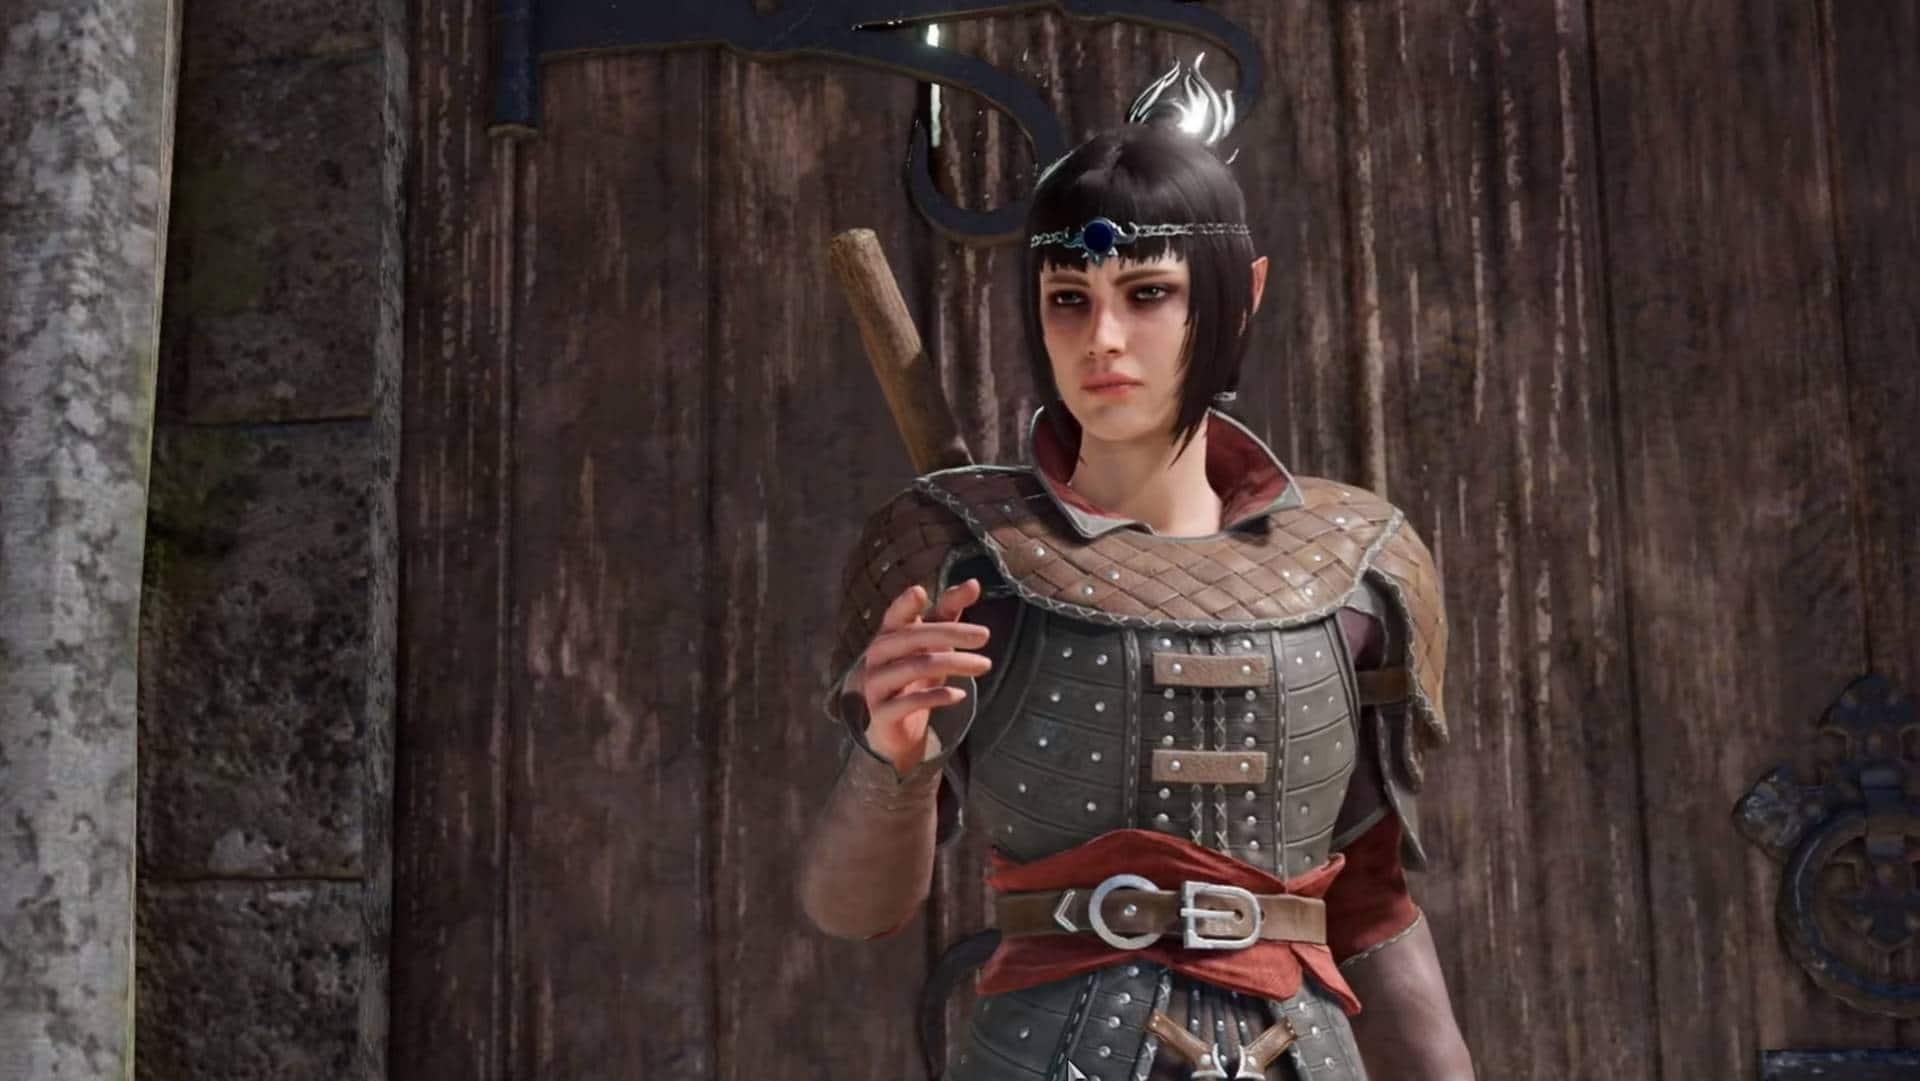 Shadowheart aus Baldur's Gate 3 vor einem Tor im Dialog mit dem Protagonisten